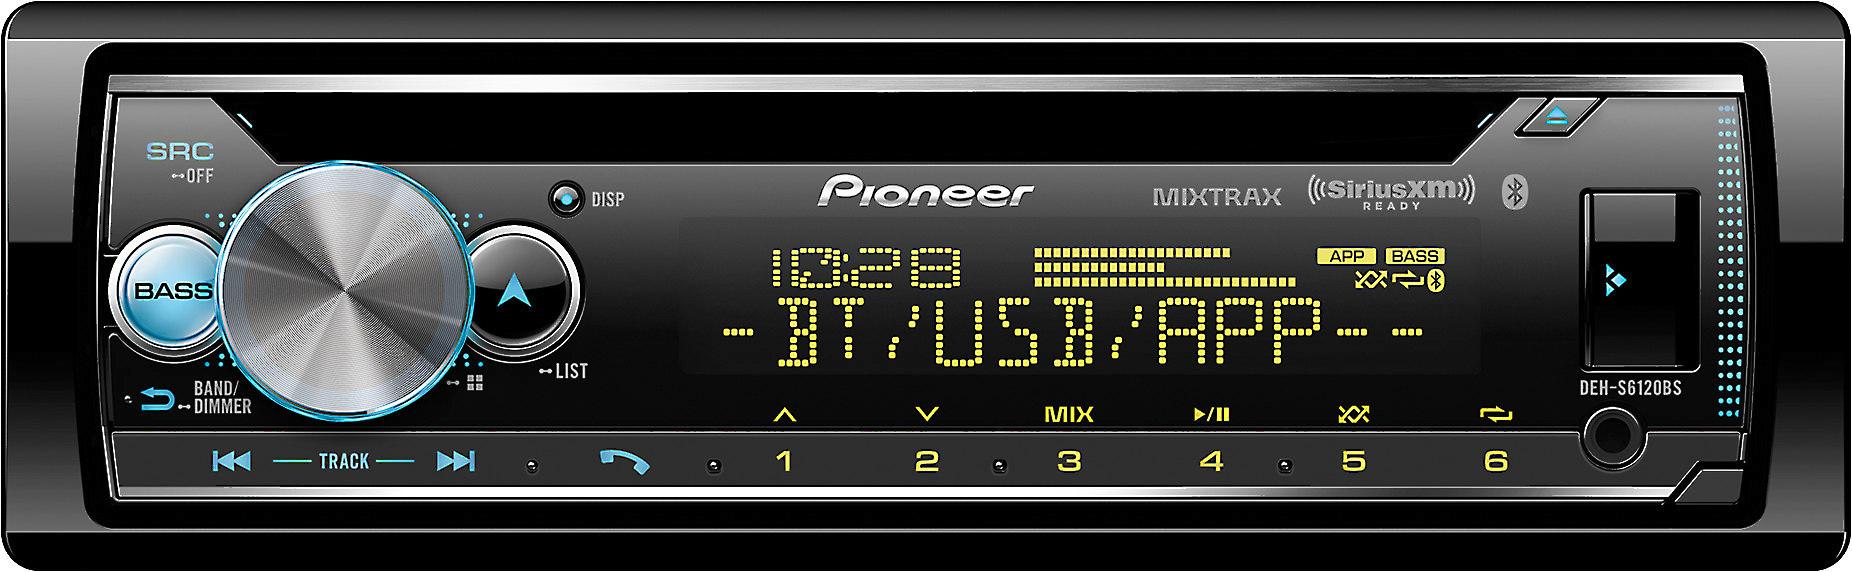 Pioneer DEH-S6120BS